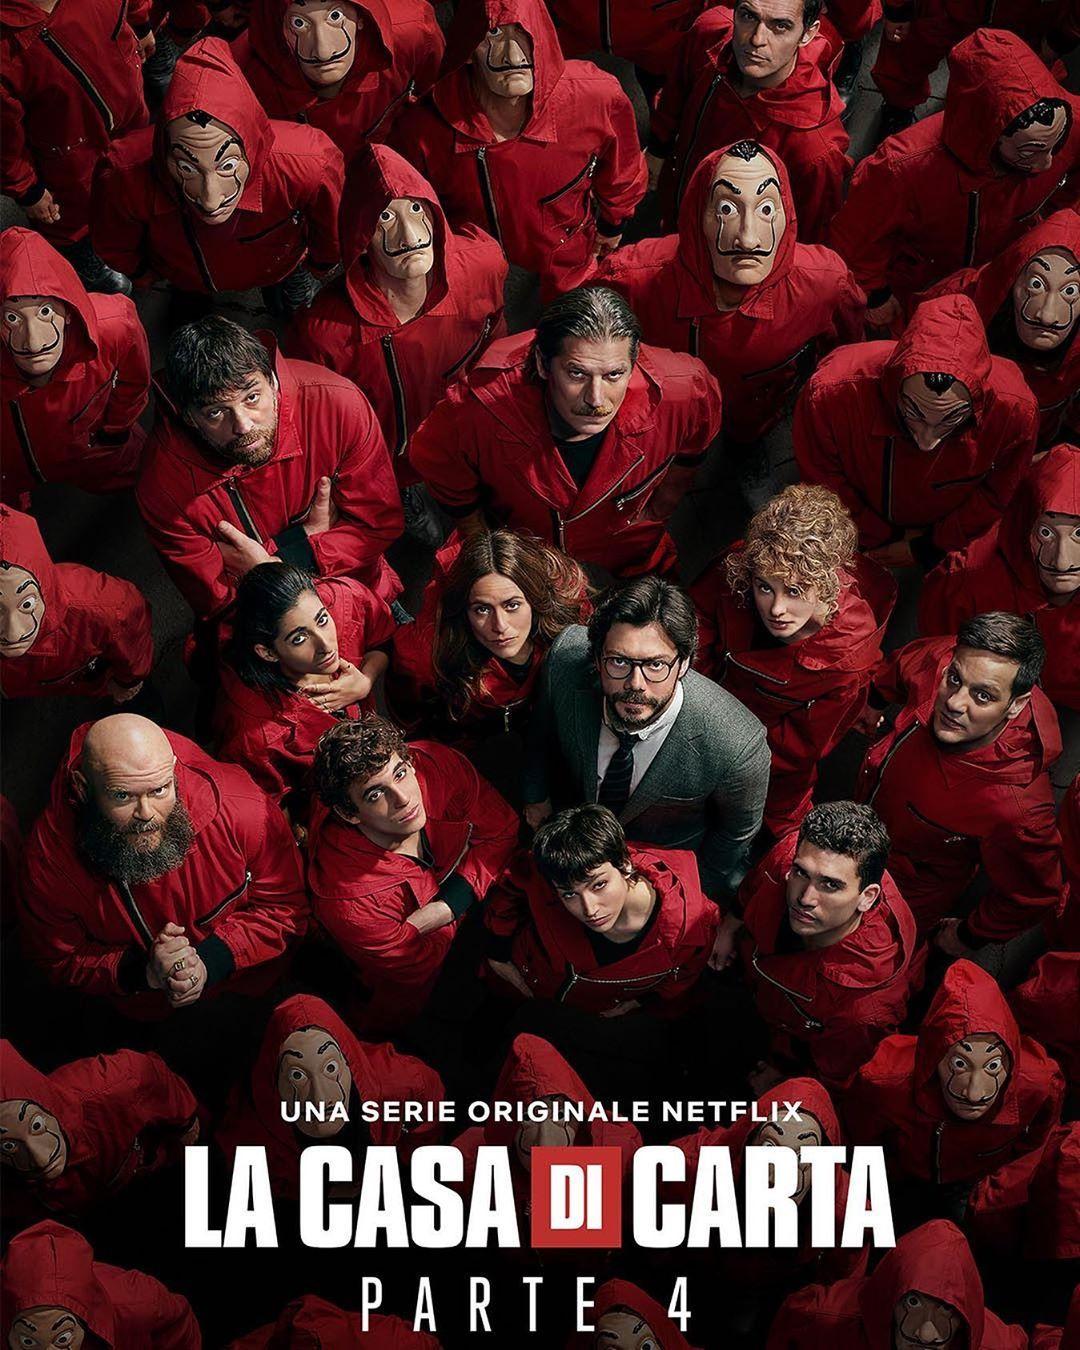 Mi Piace 267 4 Mila Commenti 3 383 Netflix Italia Netflixit Su Instagram Trova Berlino 22 Giorni A Lcdp P Casa Di Carta Case Di Carta Netflix